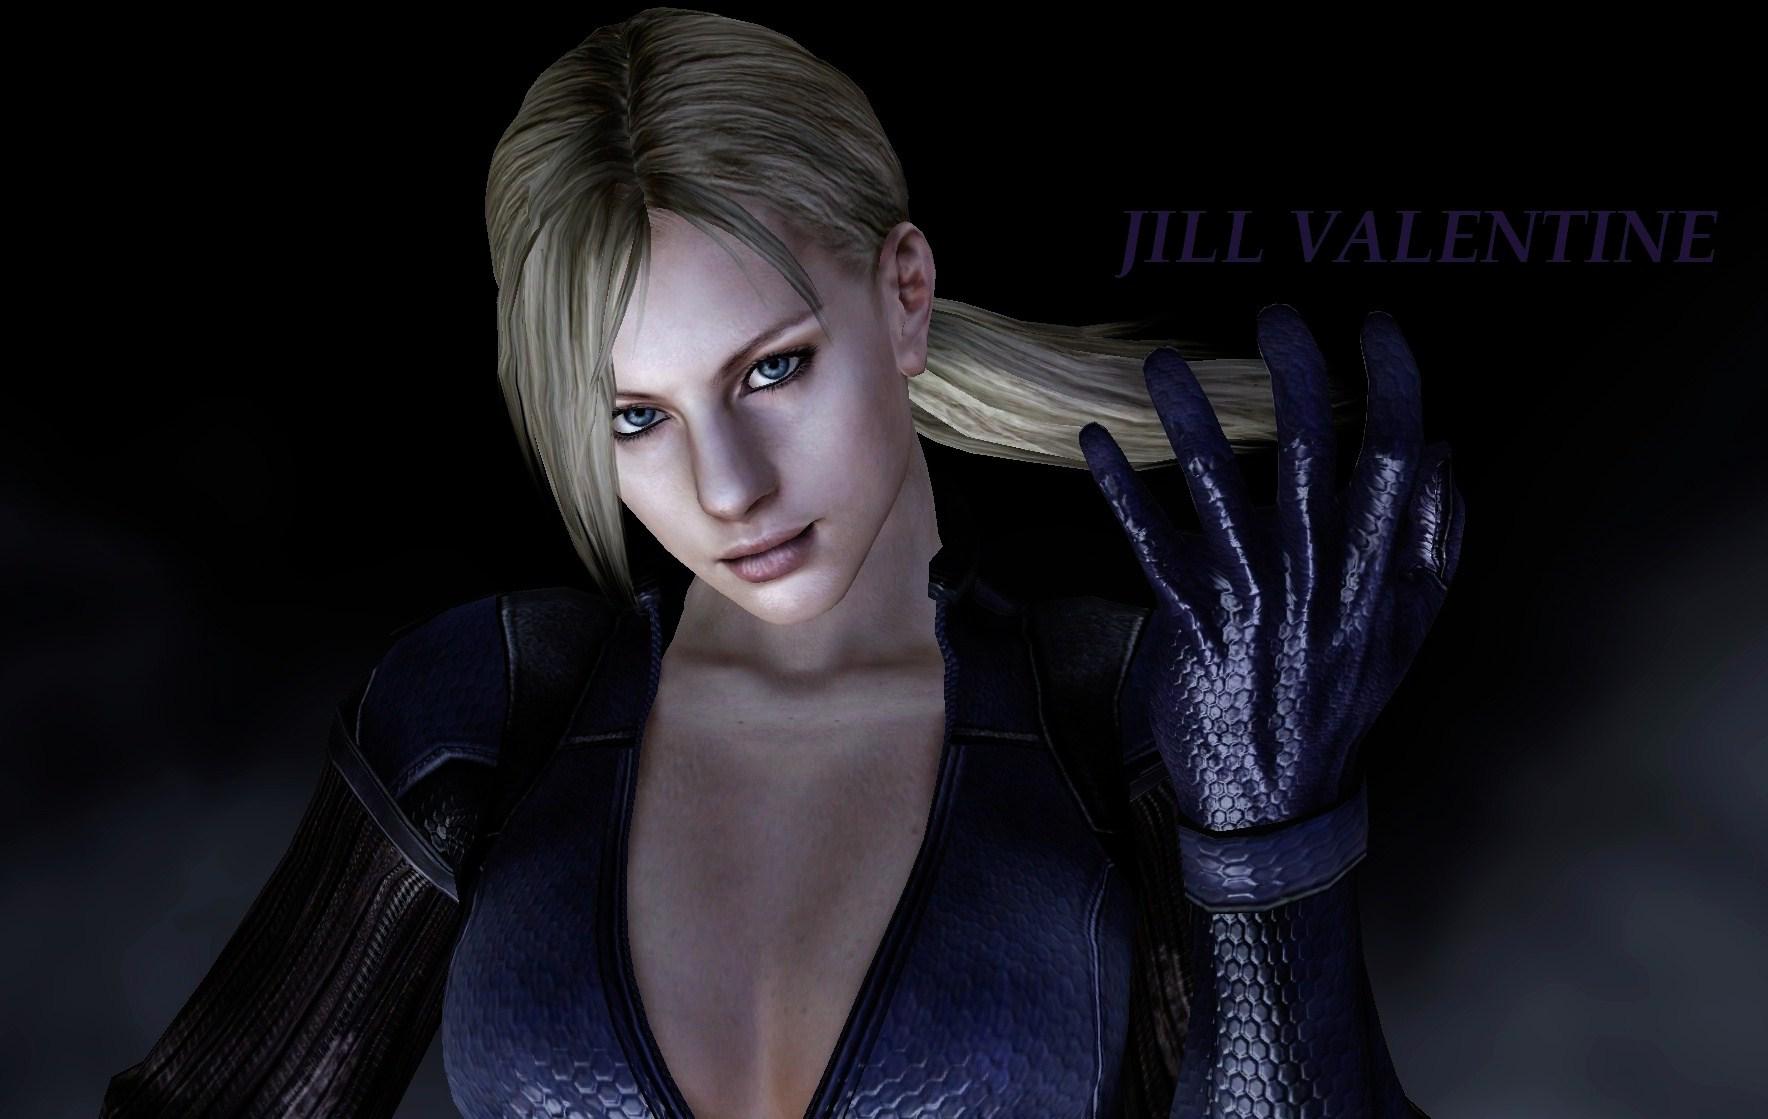 Обои Стойки, claire, стоят, форма, igra, машины, Resident Evil 2, leon, куртка, game, пистолеты, персонажи, дома, улицы, туман, Одежда, полицейский, дождь. Игры foto 16